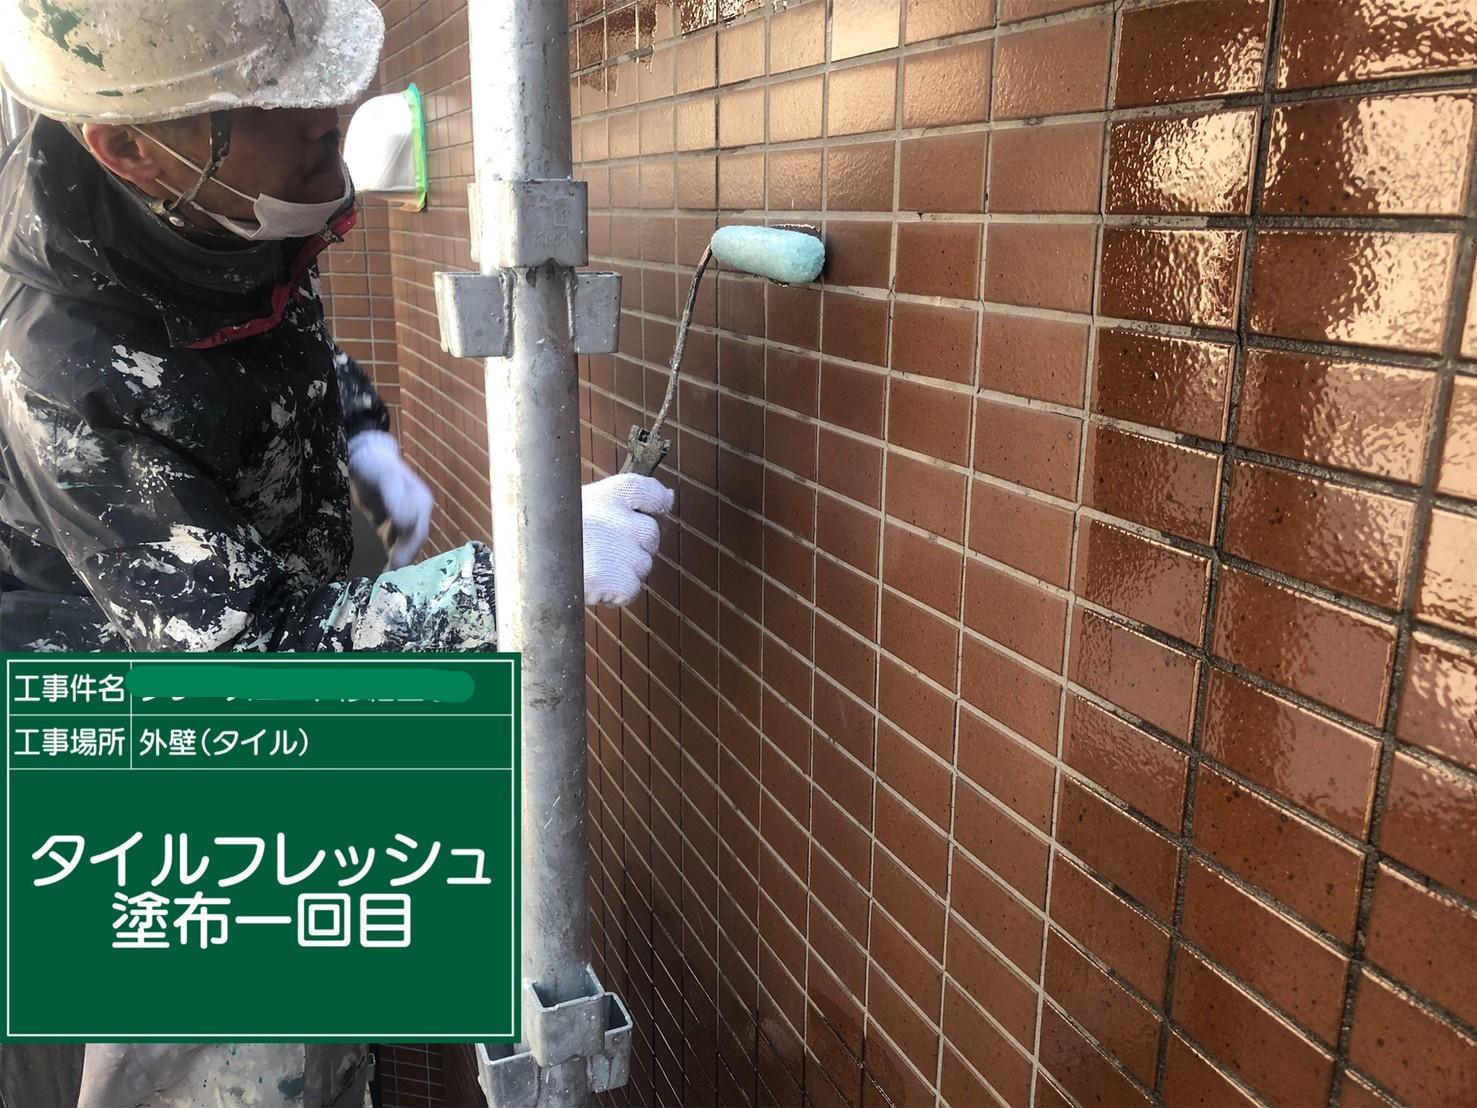 【タイル】①施工前・クリア1回目